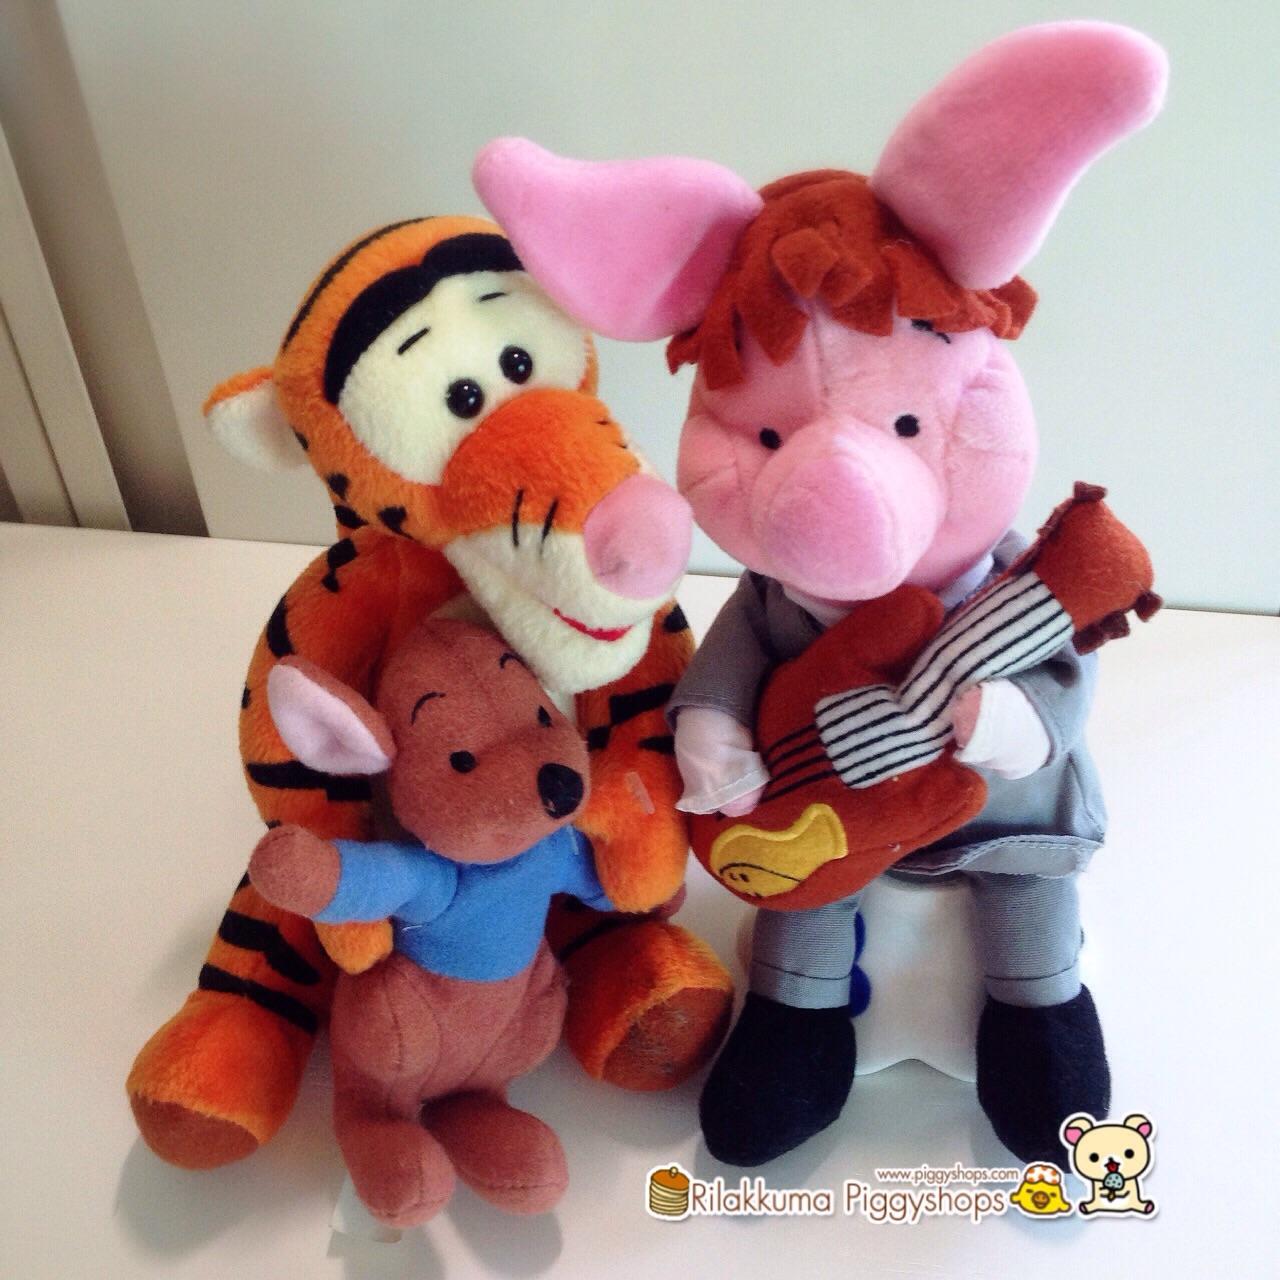 เสือน้อยทริกเกอร์อุ้มจิงโจ้น้ำตาล Tigger with Roo of Winnie the pooh